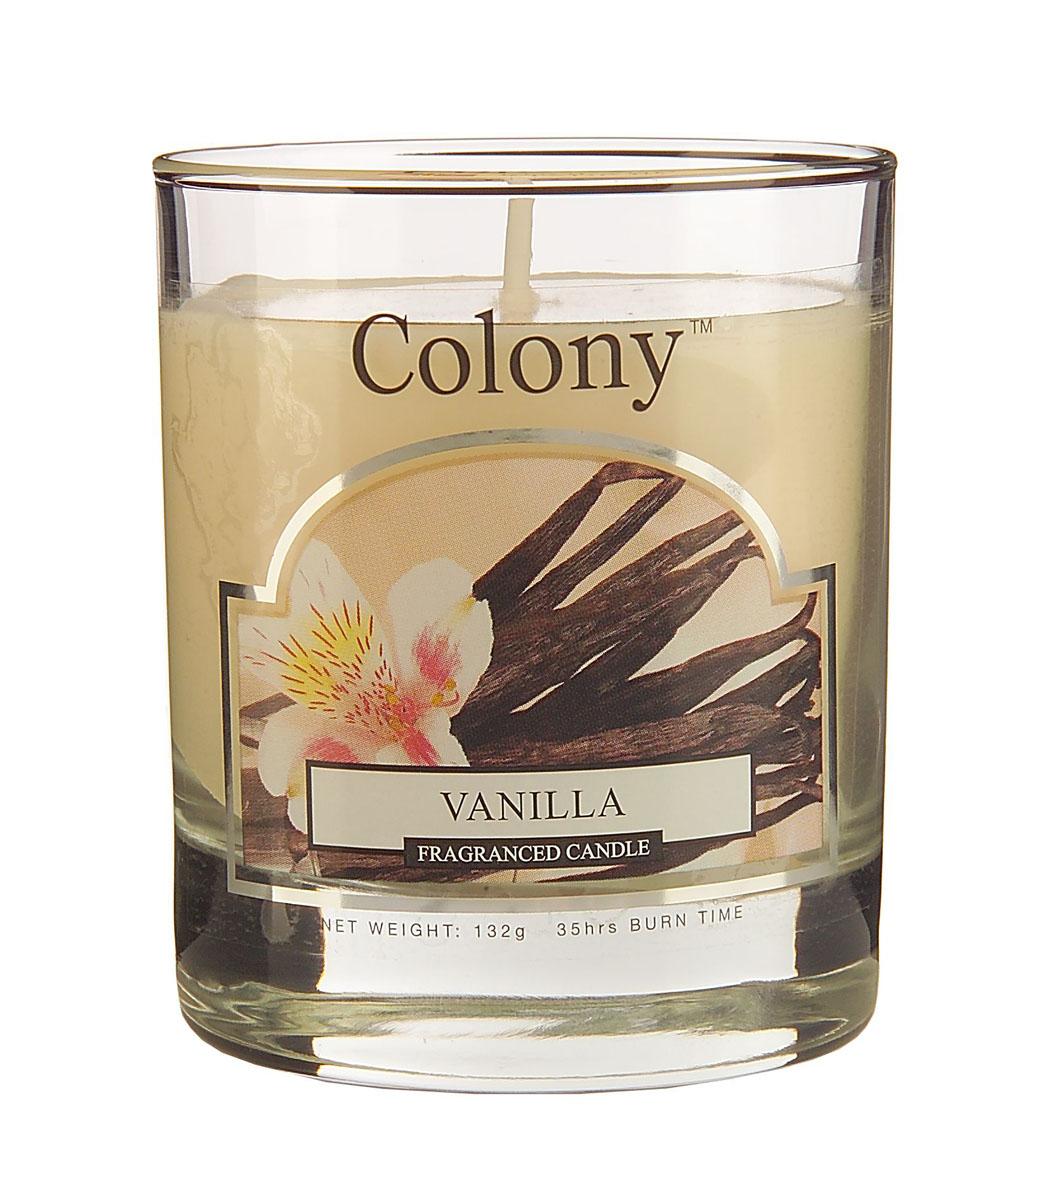 Wax Lyrical Ваниль ароматизированная свеча в стекле малая, 35 часовUP210DFСочетание ароматов стручковой ванилии миндаля наполняет пространство стладким запахом сливочных конфет. Уважаемые клиенты! Обращаем ваше внимание на возможные изменения в дизайне упаковки. Поставка осуществляется в зависимости от наличия на складе.